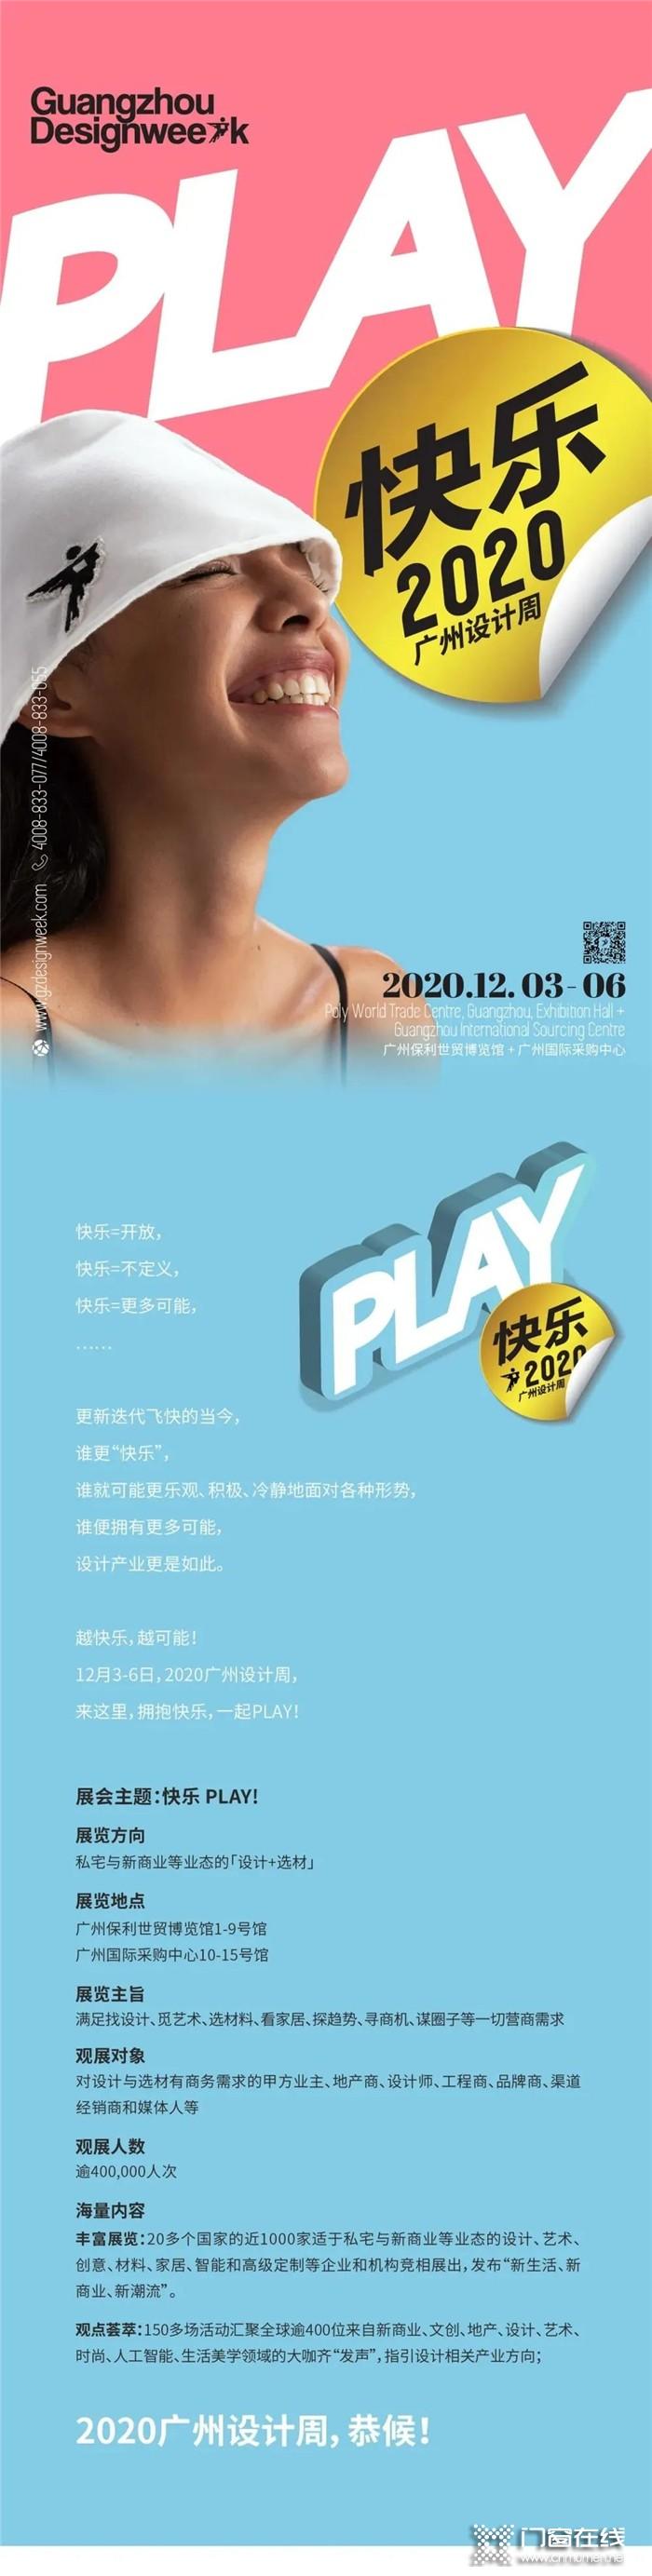 2020广州设计周,怡发门窗邀您鉴赏设计之美!